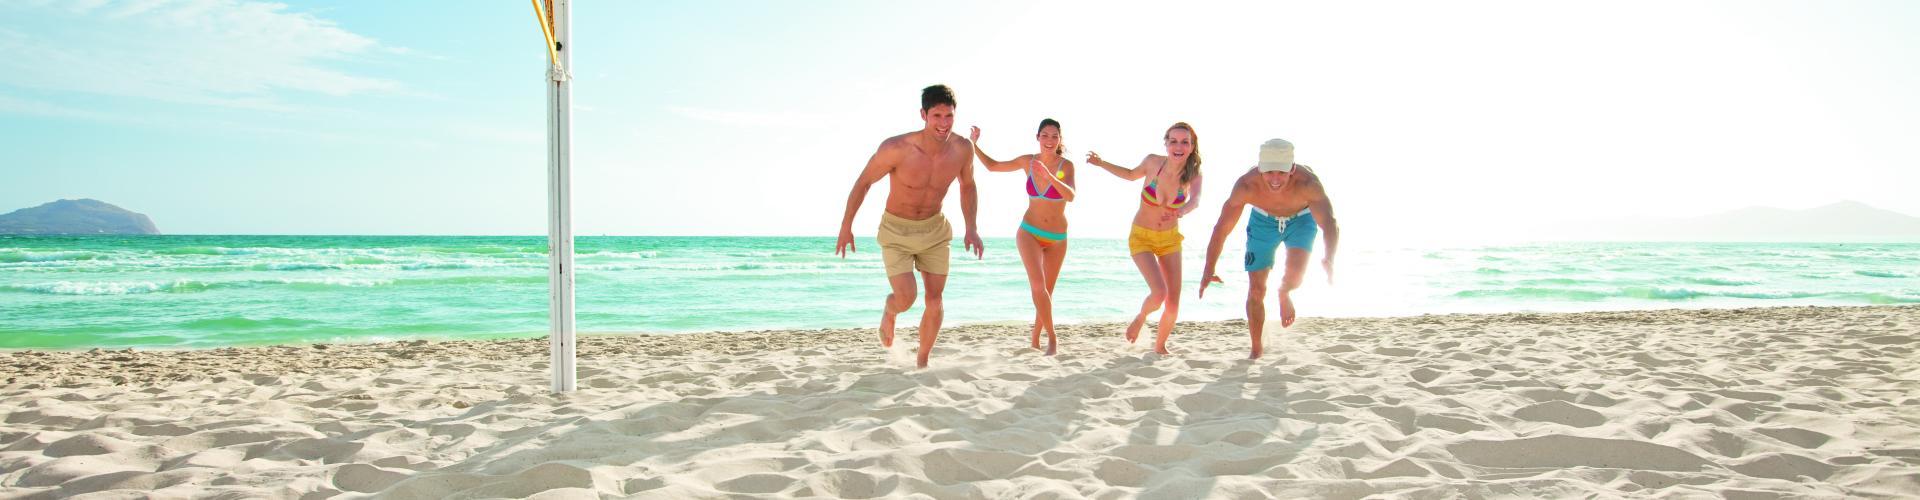 smartline Hotels ist günstig Urlaub am Meer